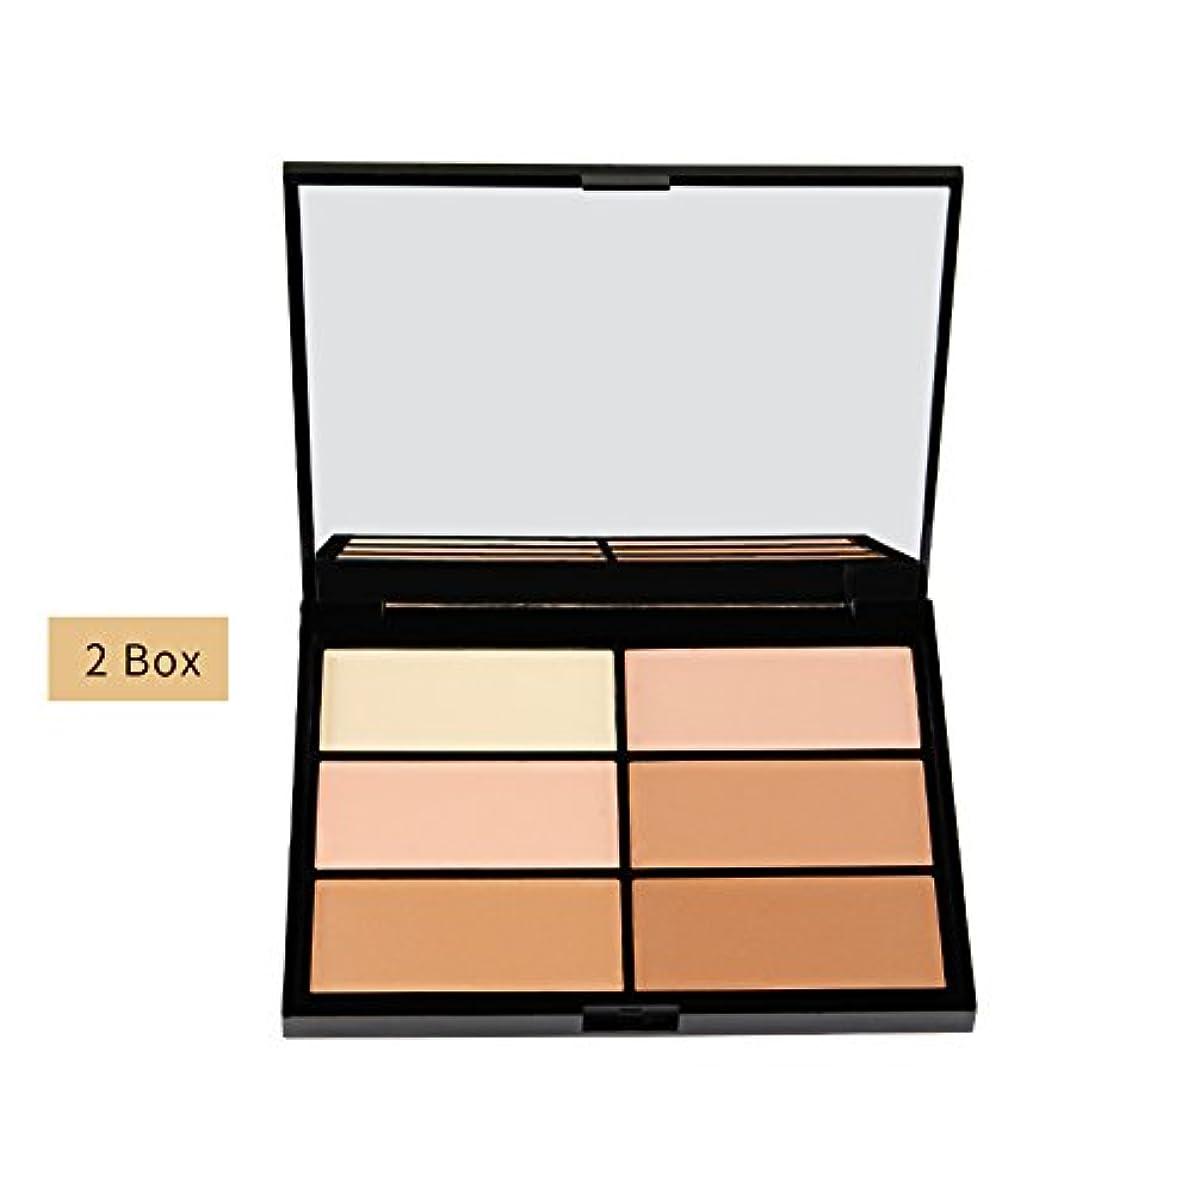 6色ハイライターパウダーハイライトブライトニングフェイシャルコントラストメークアップ化粧品(2)